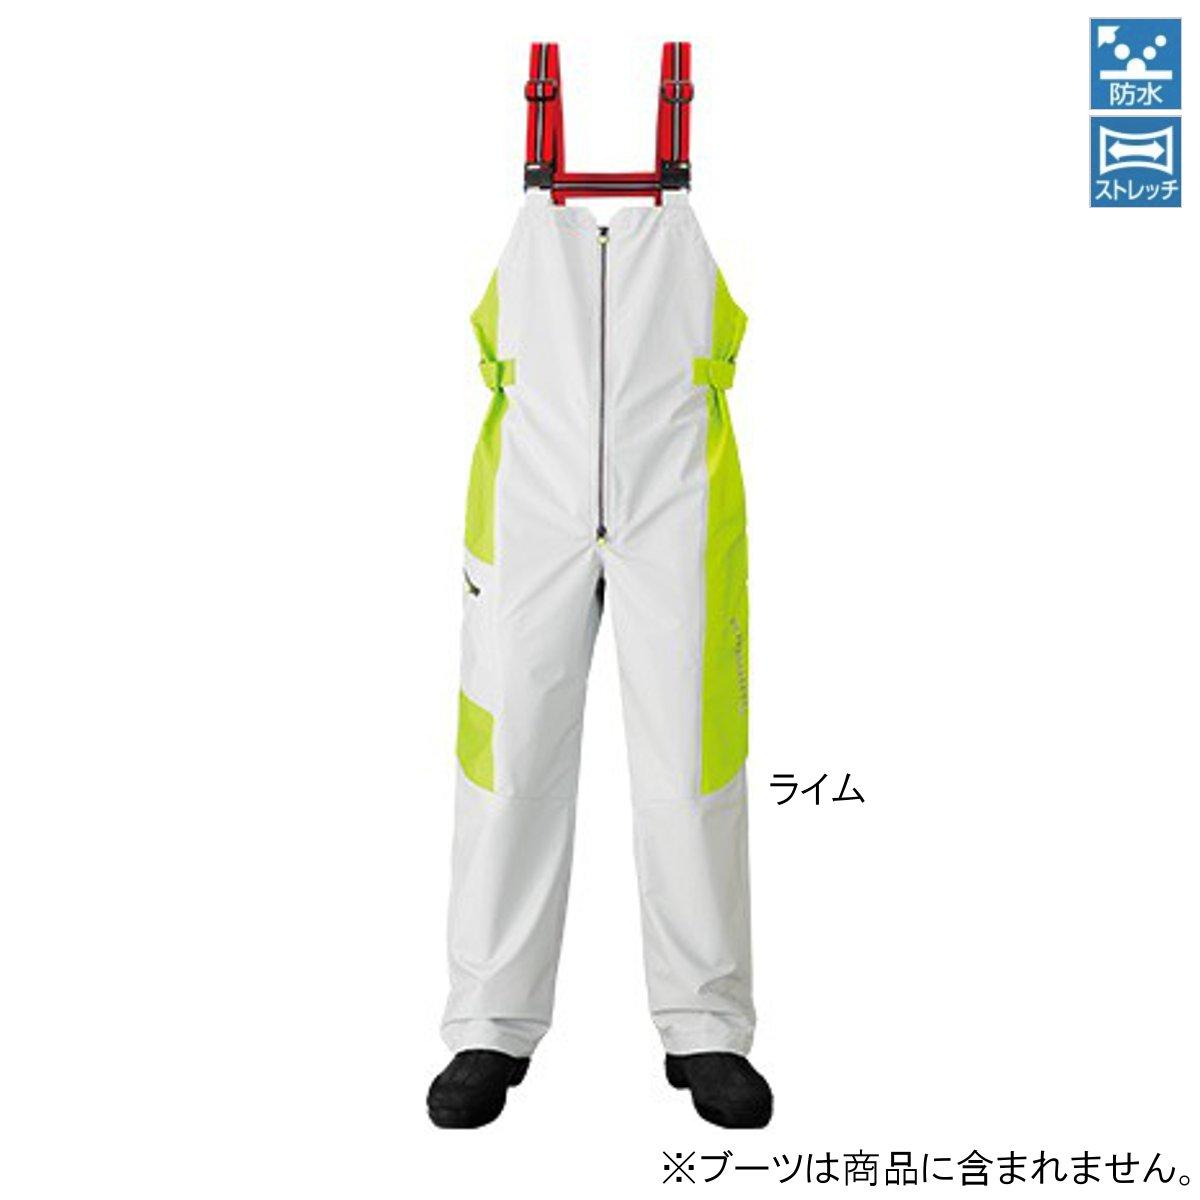 シマノ マリンサロペット RA-03PN 2XL ライム【送料無料】